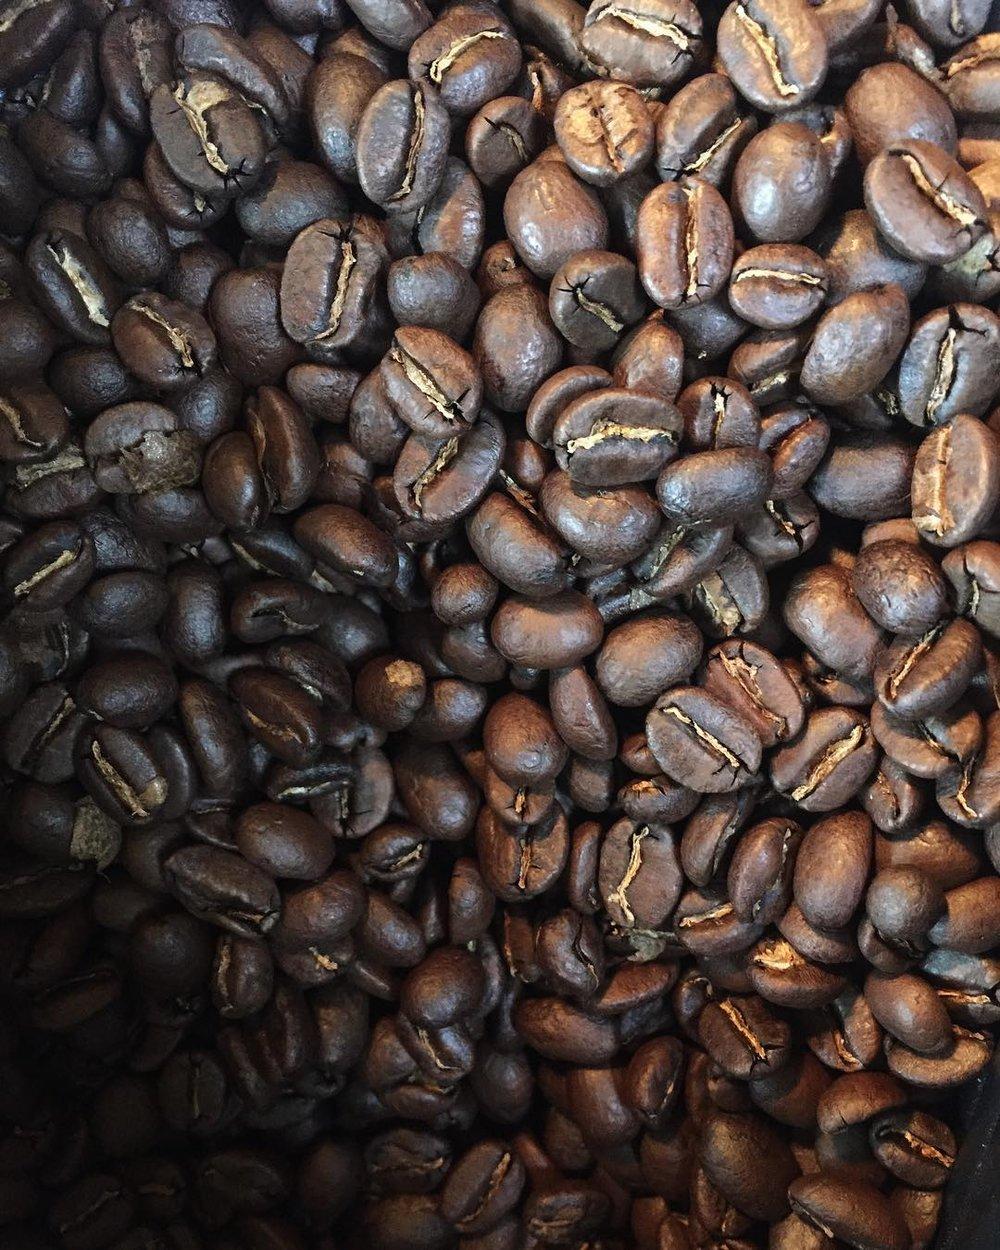 Coffee, duh! -